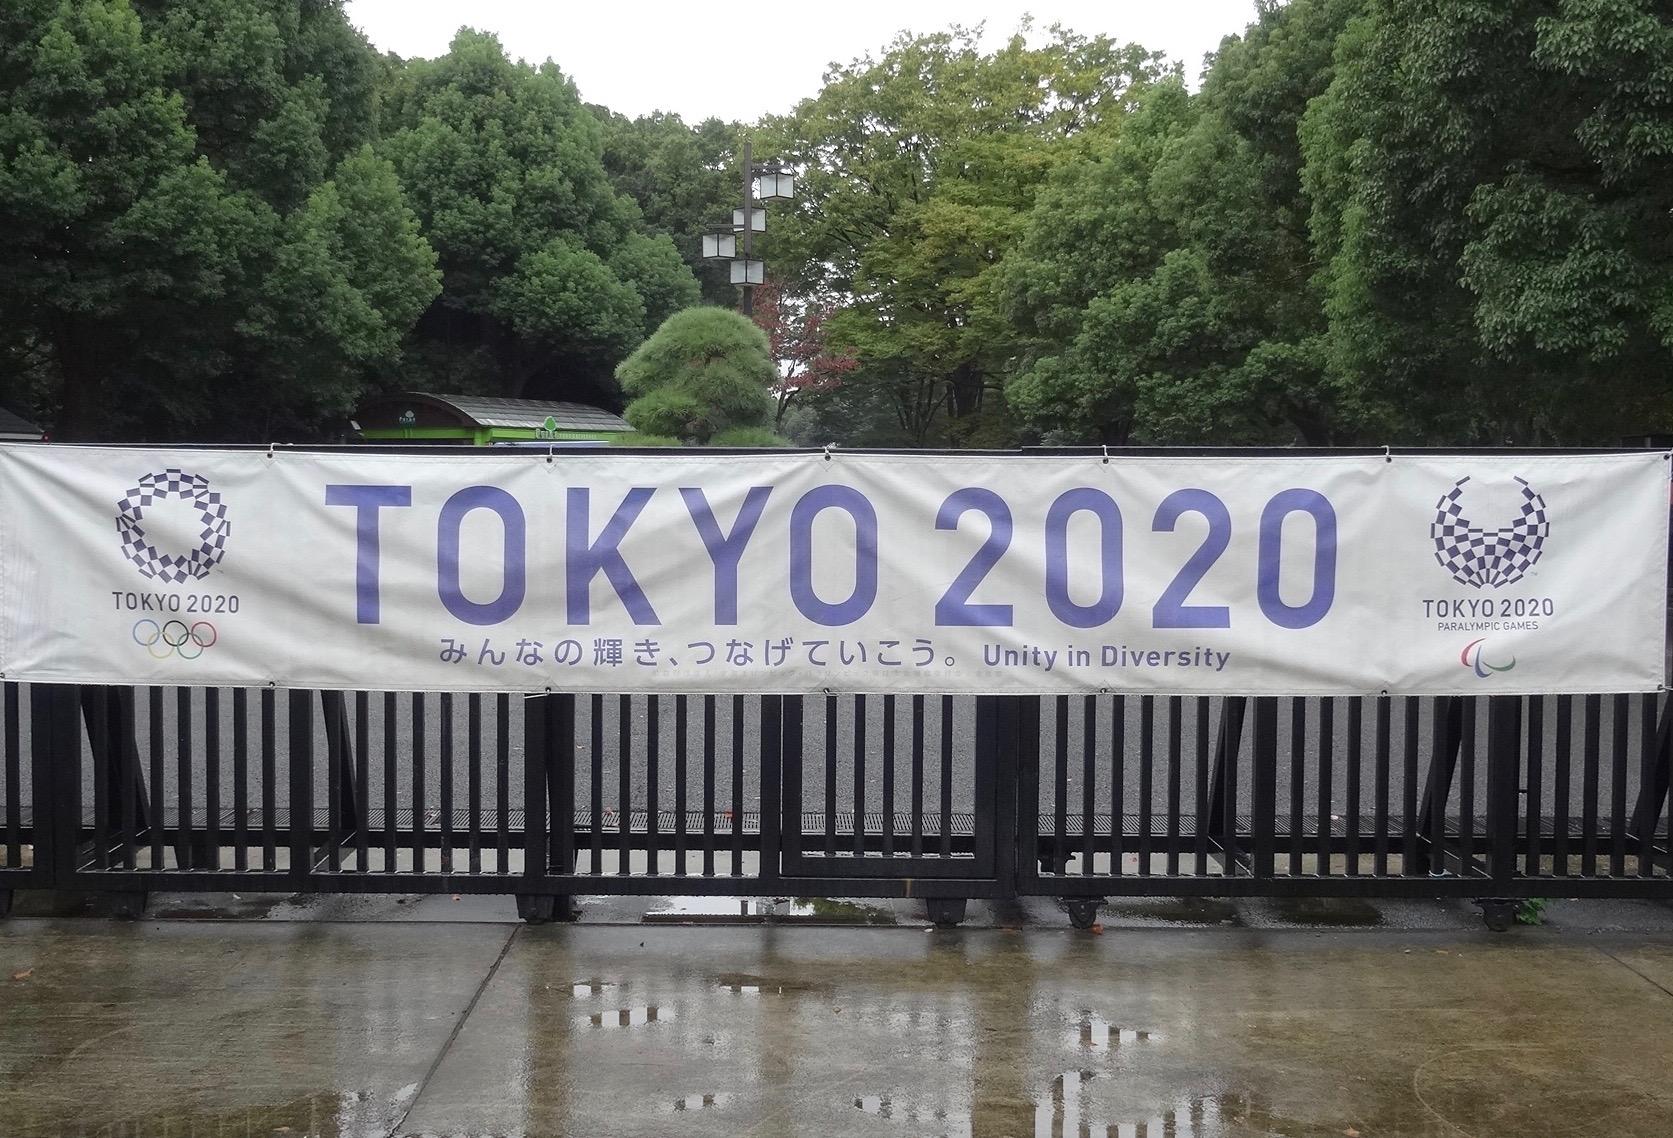 Was erlauben Olympia? In Japan reagieren Medien und Öffentlichkeit zunehmend sensibel auf die Zumutungen des Sports